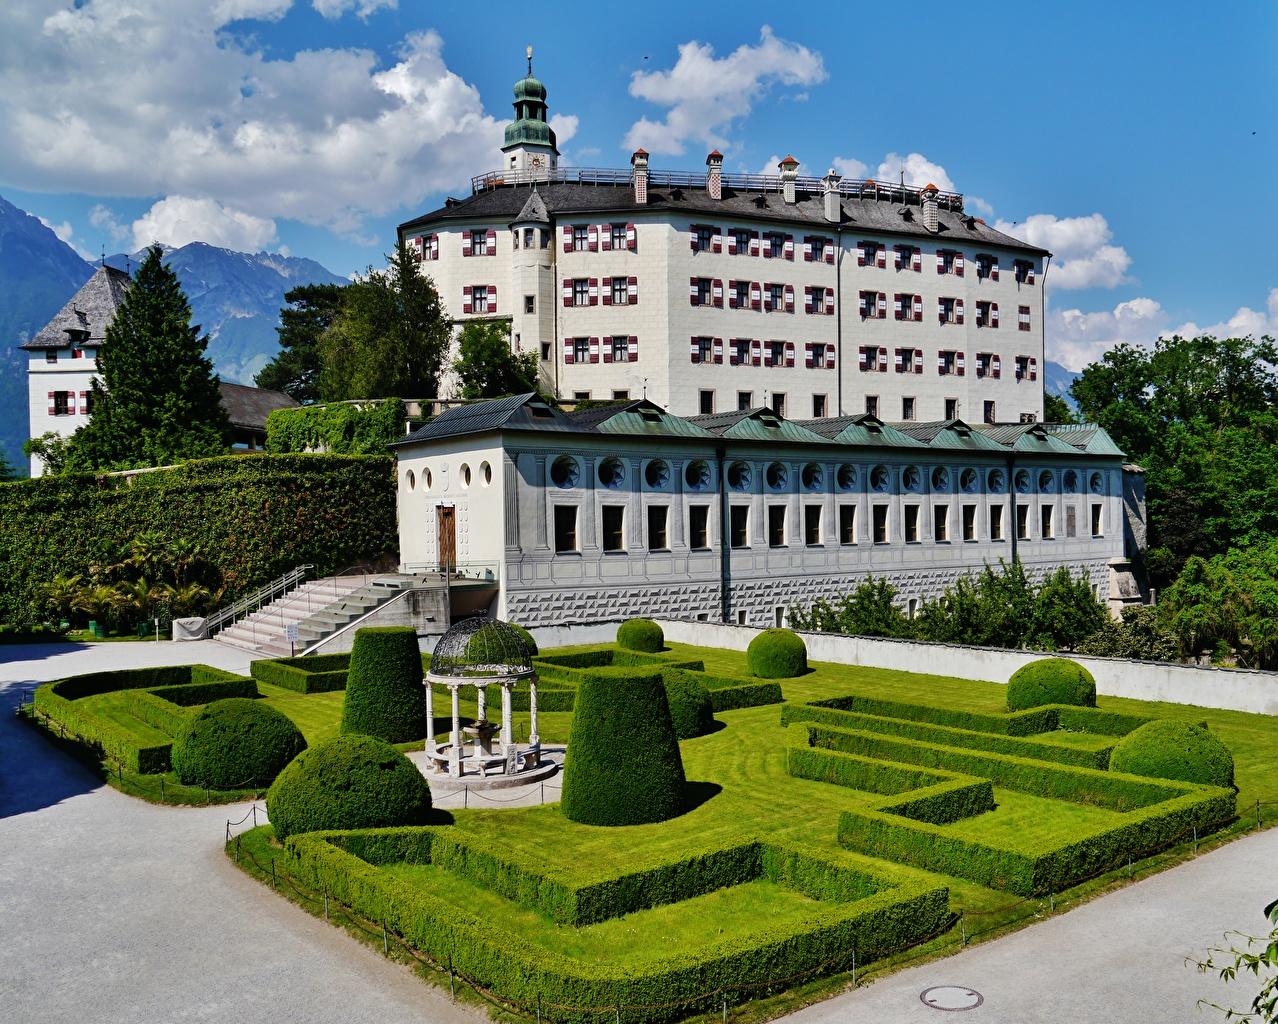 Afbeeldingen Oostenrijk Museum Ambras Castle, Innsbruck Burcht Struiken een stad Ontwerp musea Steden